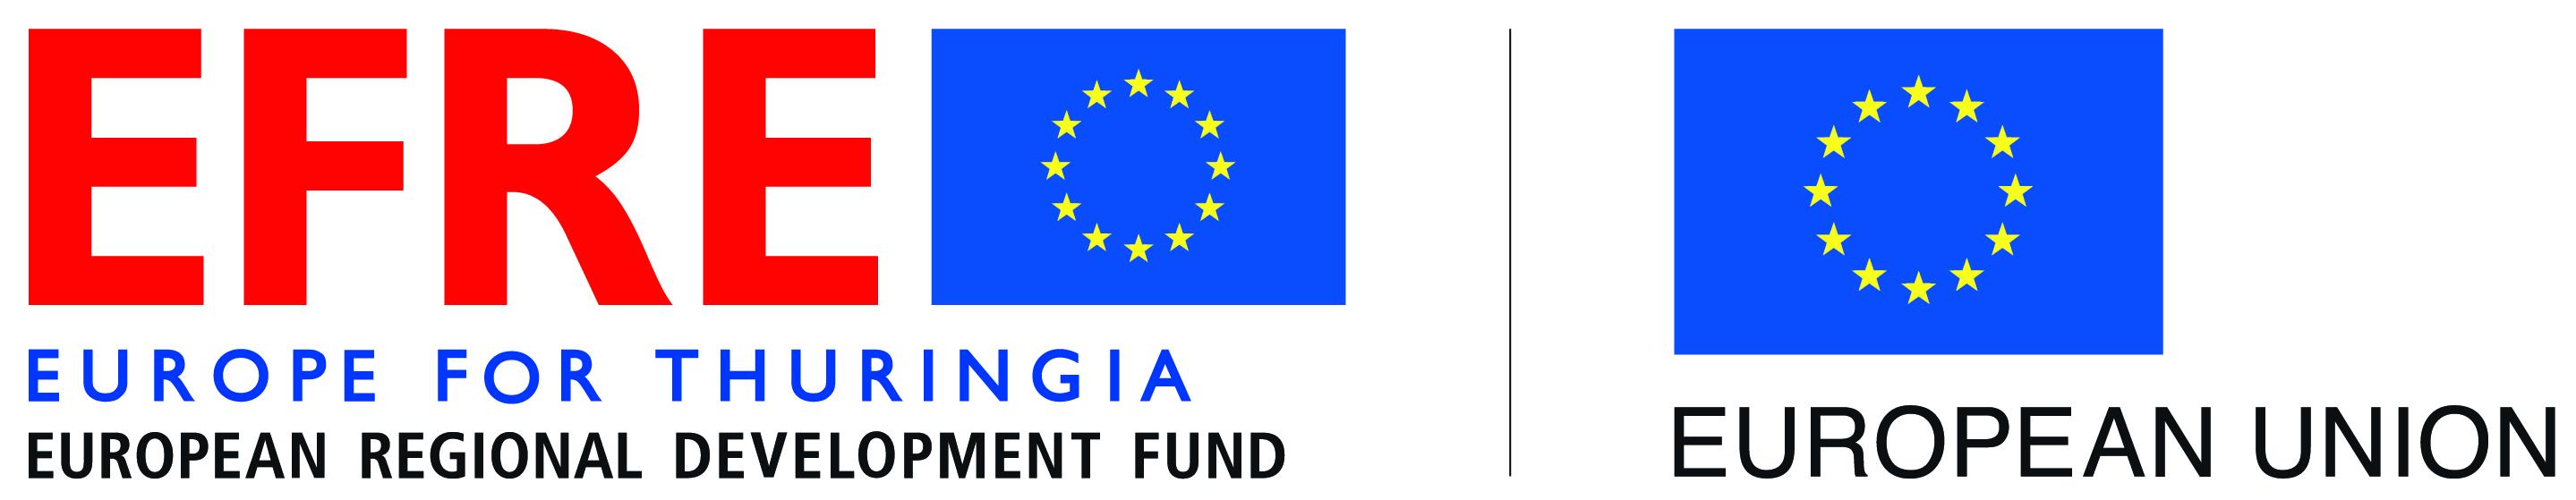 Europe for Thuringia Logo